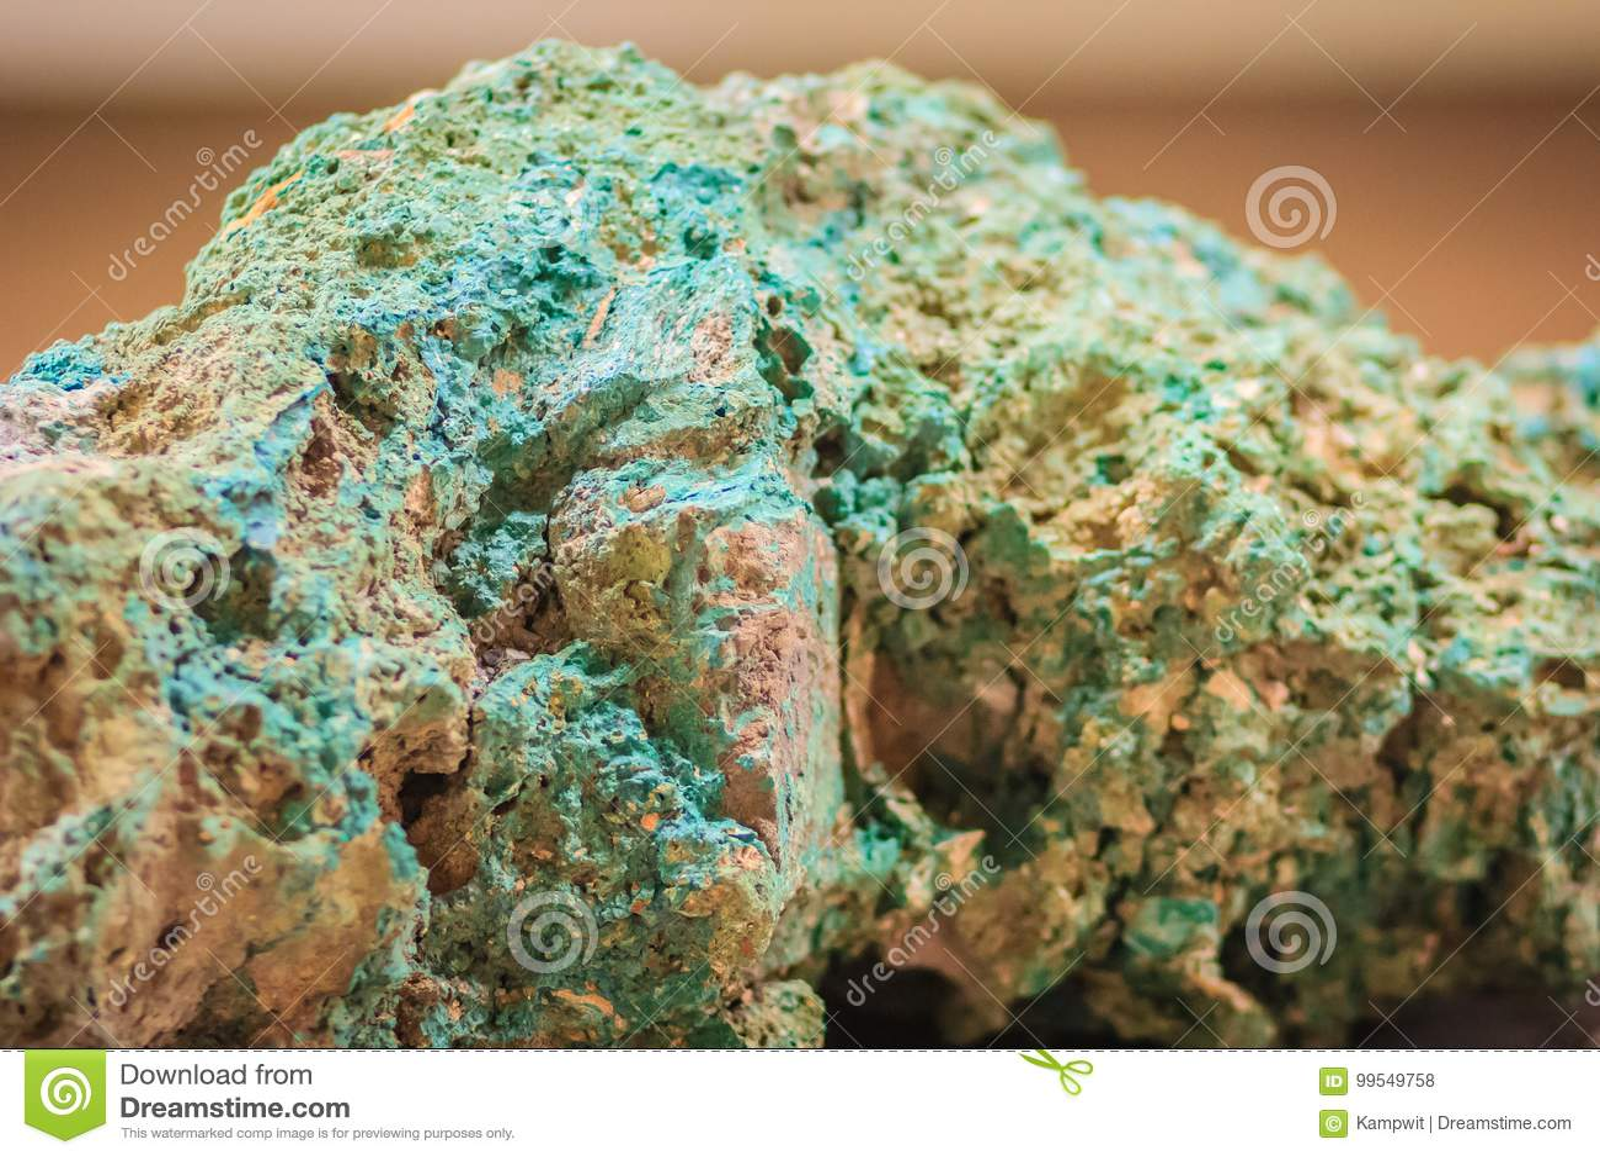 绿沸铜石头未加工的标本从采矿和挖掘indust的